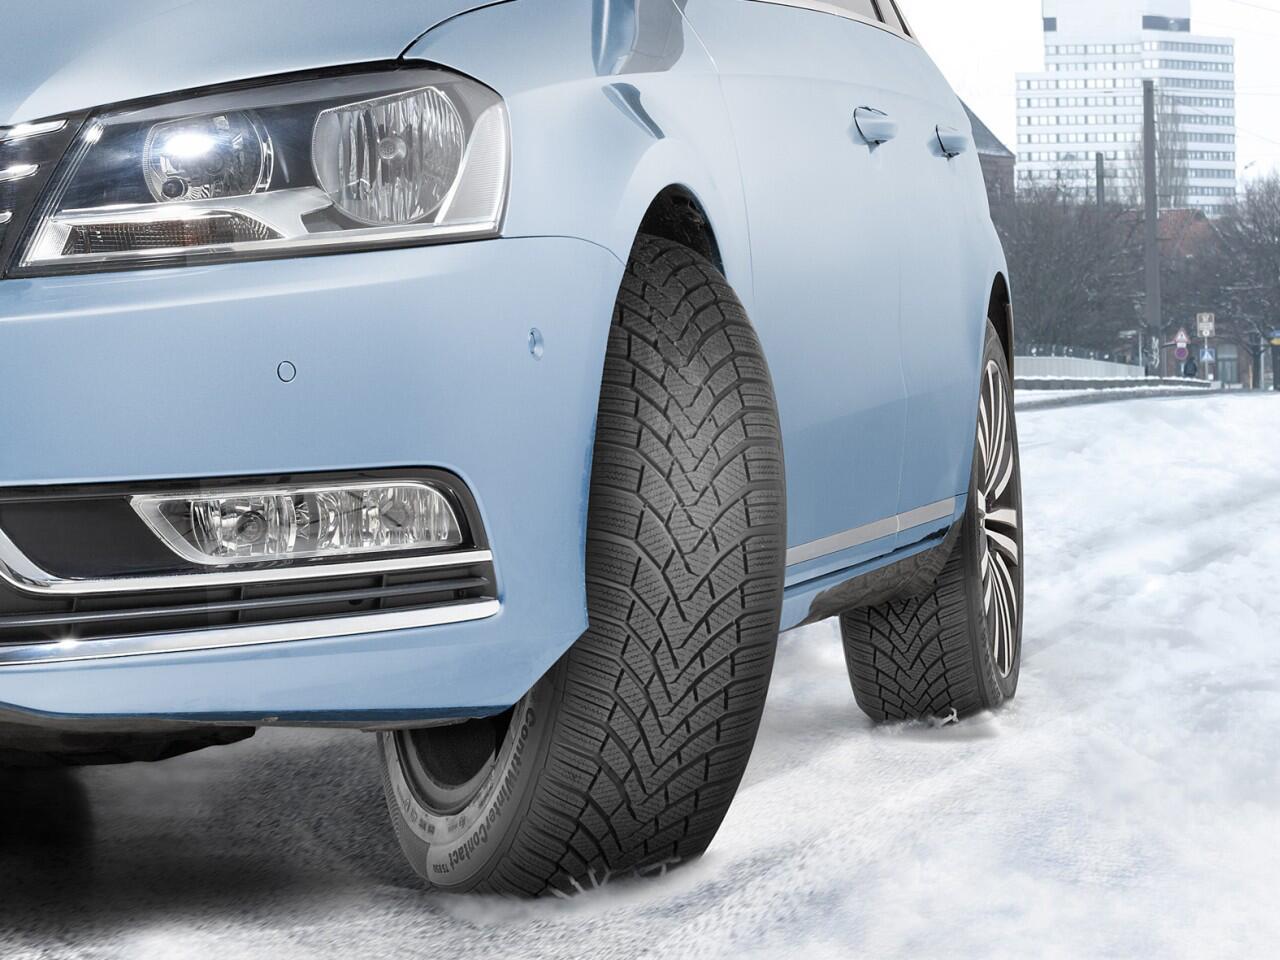 Bild zu Autofahren bei Schnee wird schnell zur gefährlichen Rutschpartie